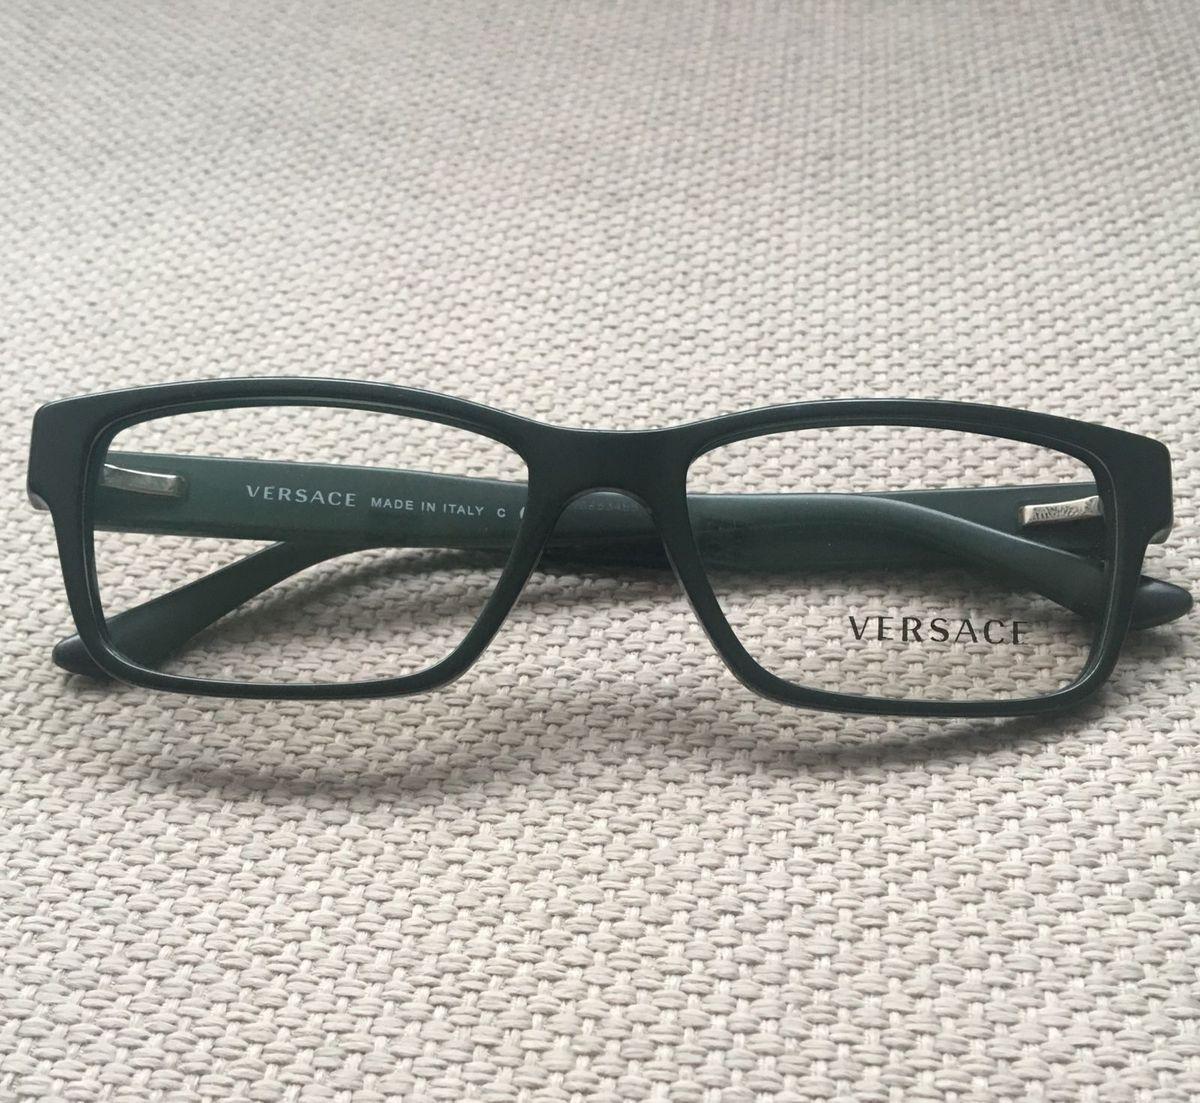 Óculos de Grau Versace Verde Oliva   Óculos Feminino Versace Nunca ... 72eed59bb7